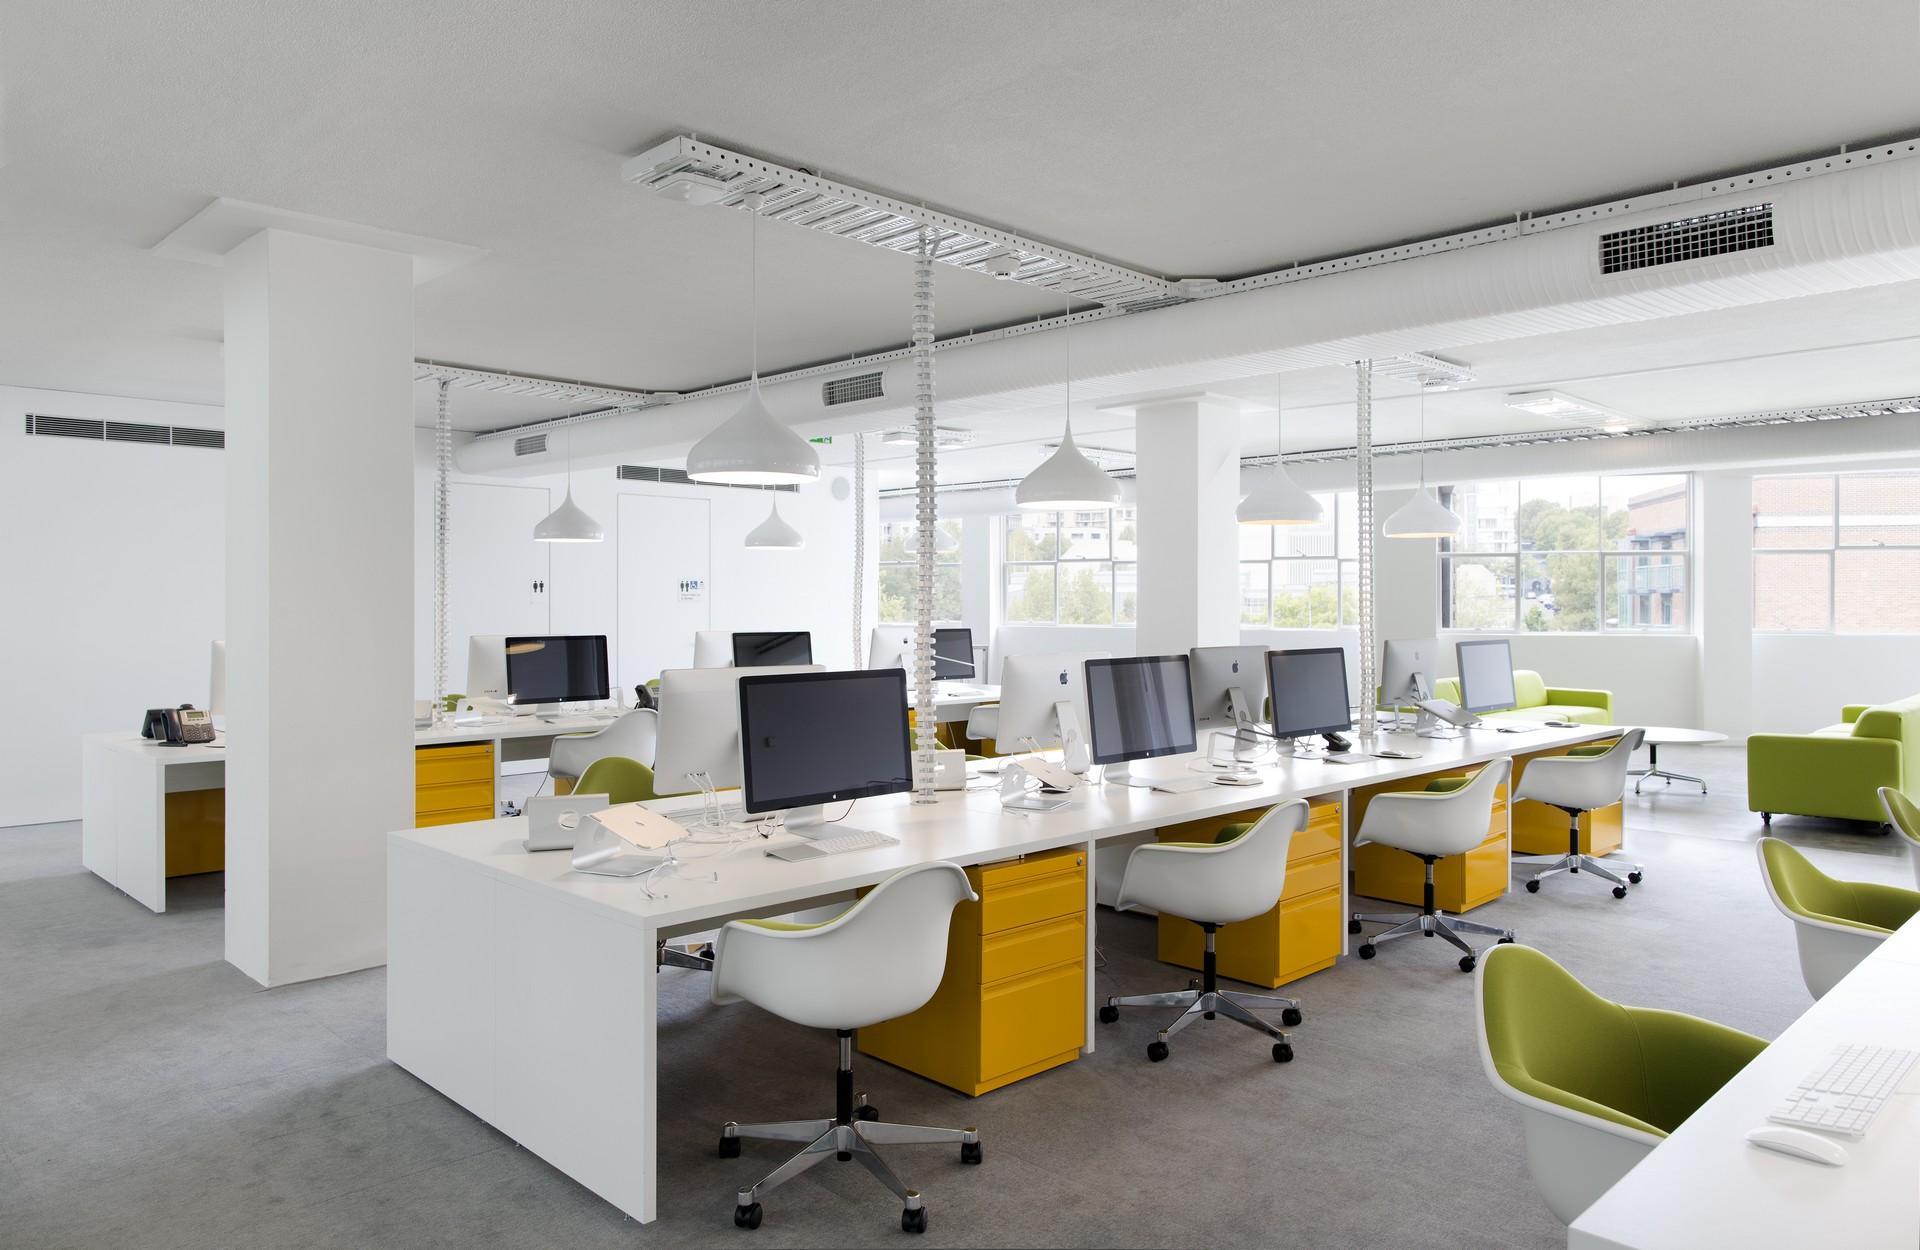 Hướng ngồi làm việc như thế nào mang lại hiệu quả ?